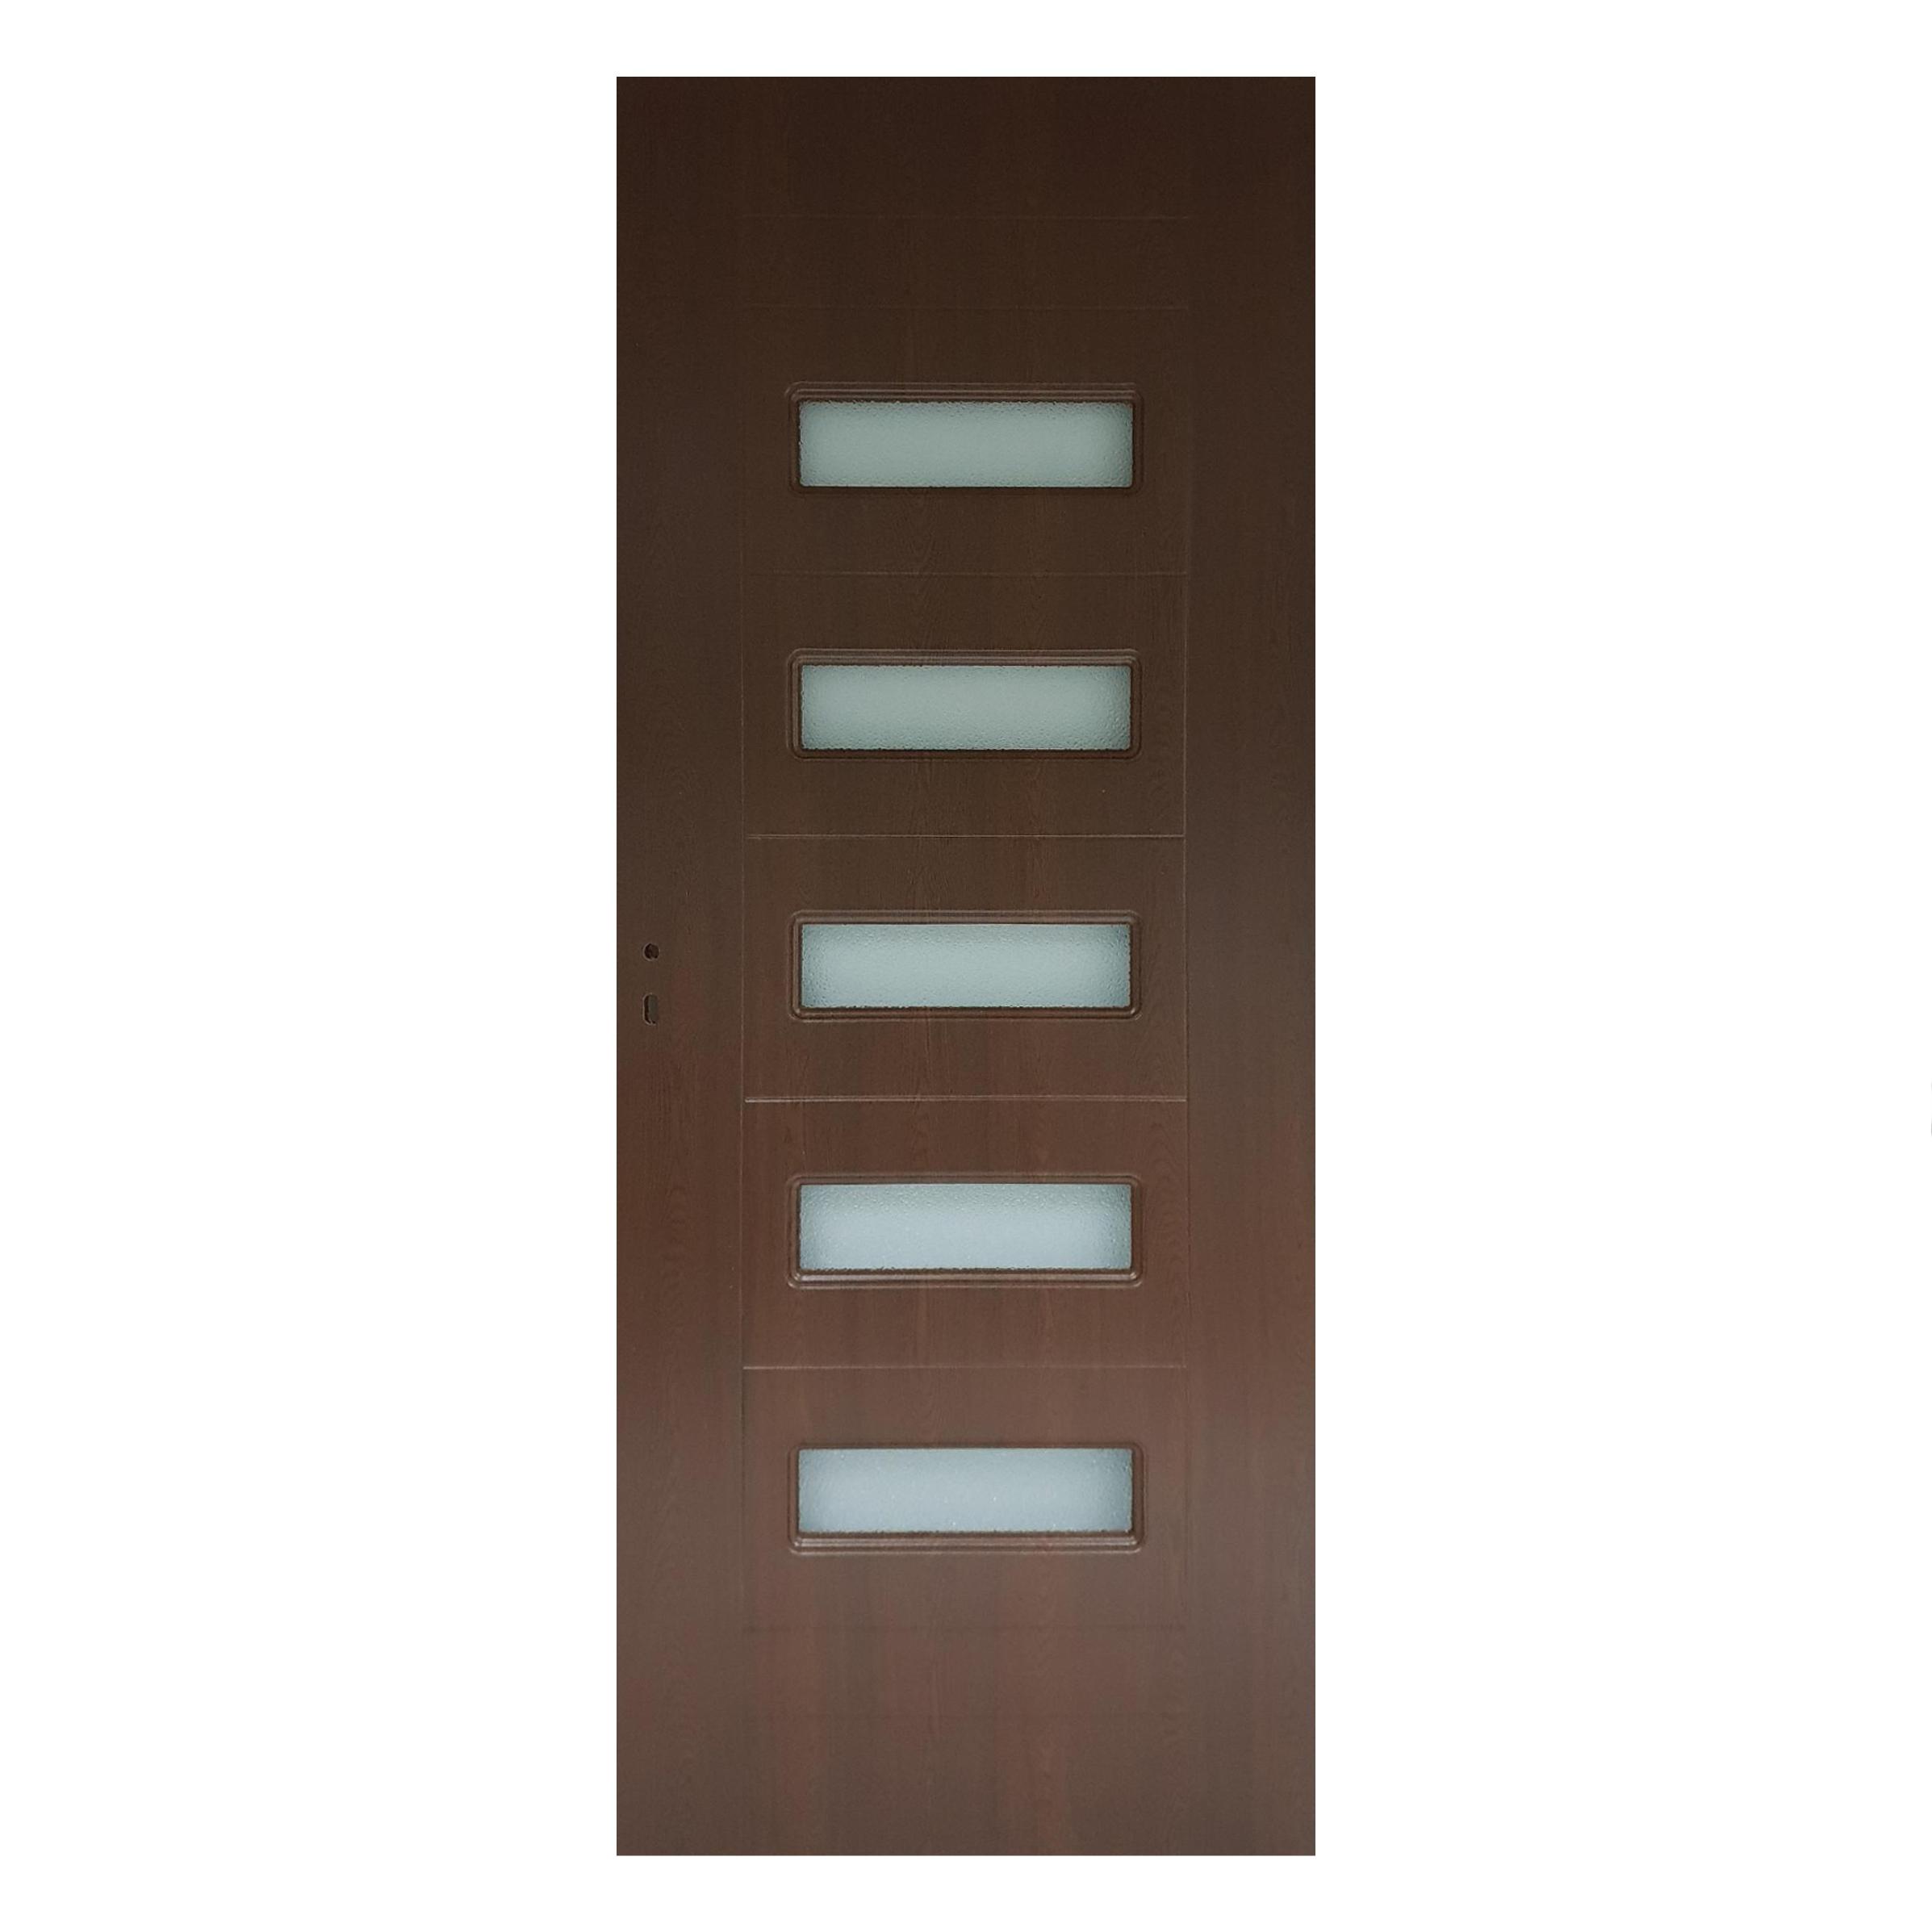 Usa interior cu geam Pamate M104, stejar auriu, 203 x 70 x 3,5 cm + toc 10 cm, reversibila mathaus 2021